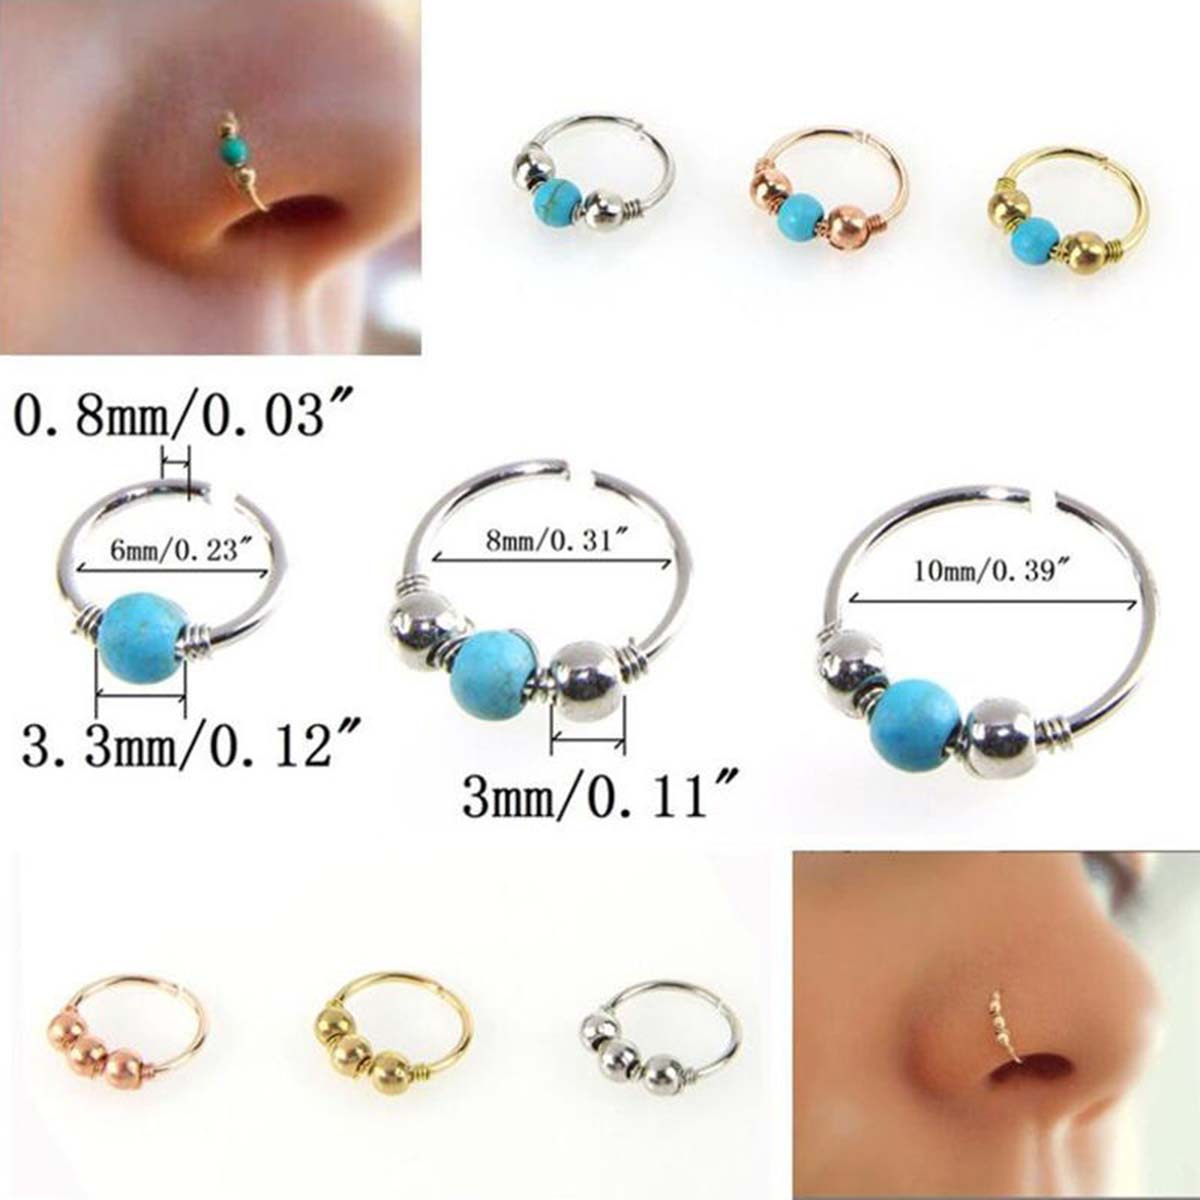 septum ring septum piercing ring 20 gauge 8 mm septum Hoop Septum Hoop in 925 Sterling Silver